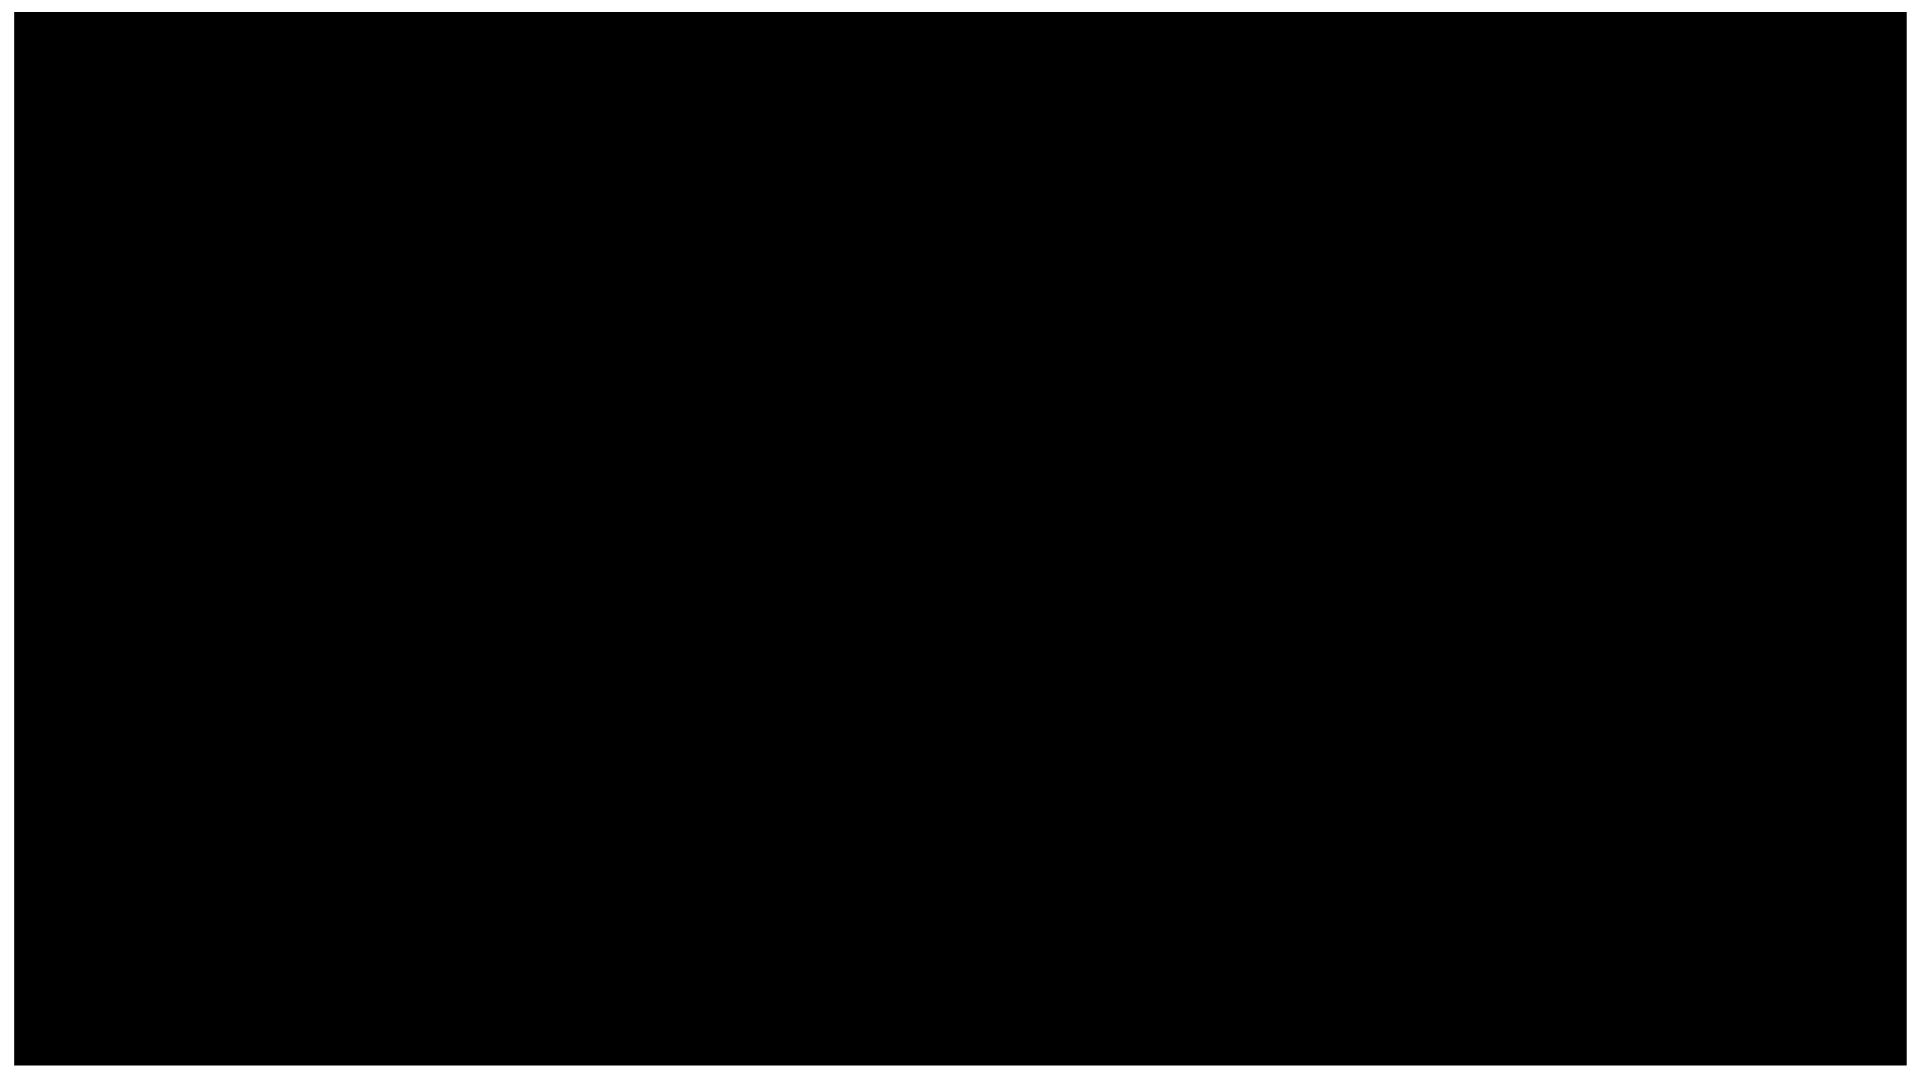 Millä ajetaan? - Maassa maan tavalla ja Iranissa ajamme paikallisilla tykeillä - Jetro tai Avenger.Avengeria on kutsuttu Persian Harrikaksi - jos custom sinun juttu, niin ehdottomasti tämä alle.Jetro on taas 200 kuutioinen vekotin, joka sekin matkalla aivan loistava!